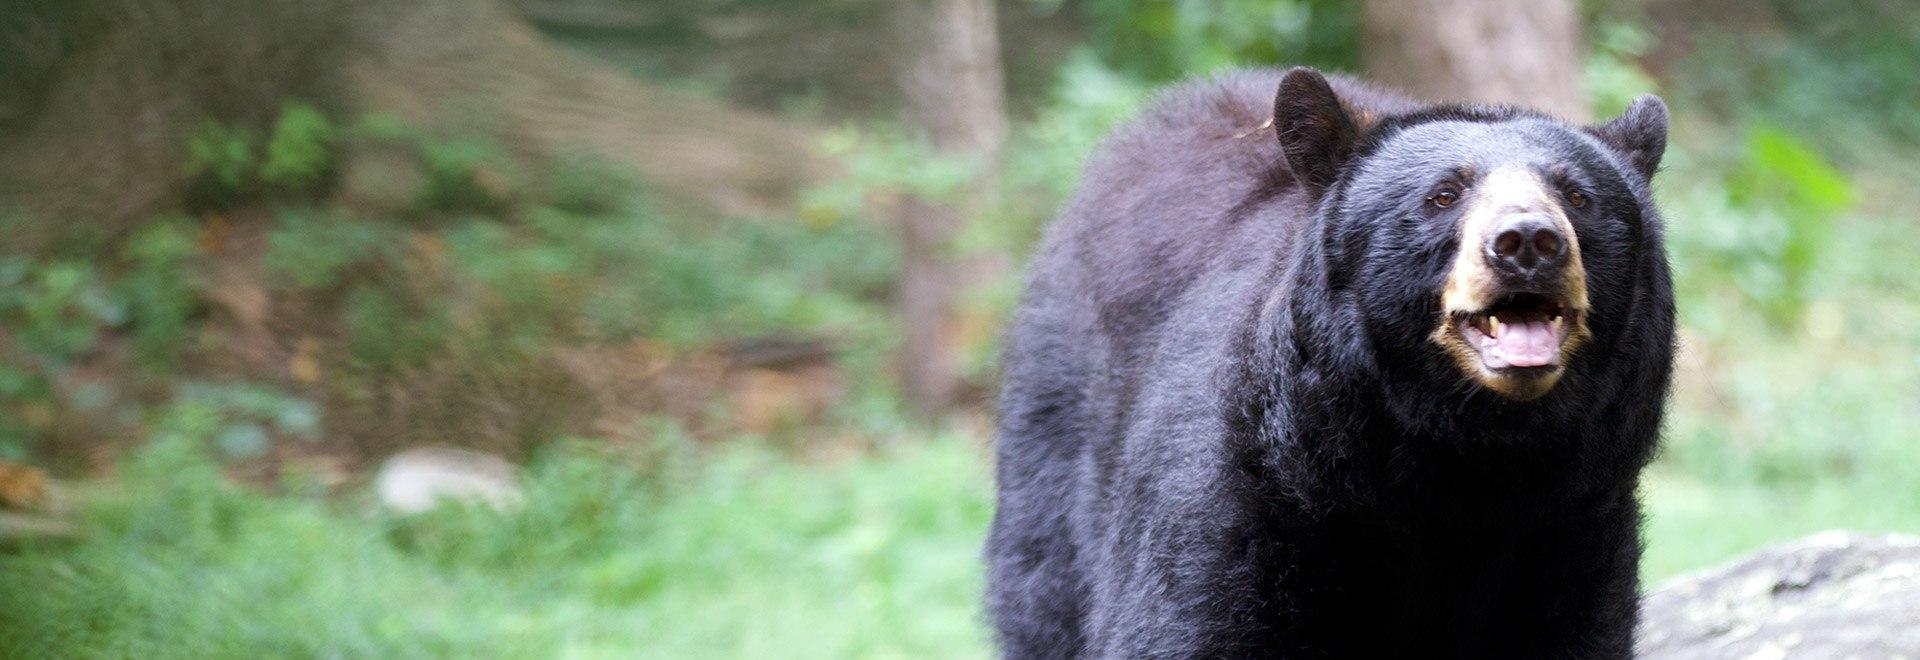 L'oasi degli animali: pronto intervento - Baby Boom